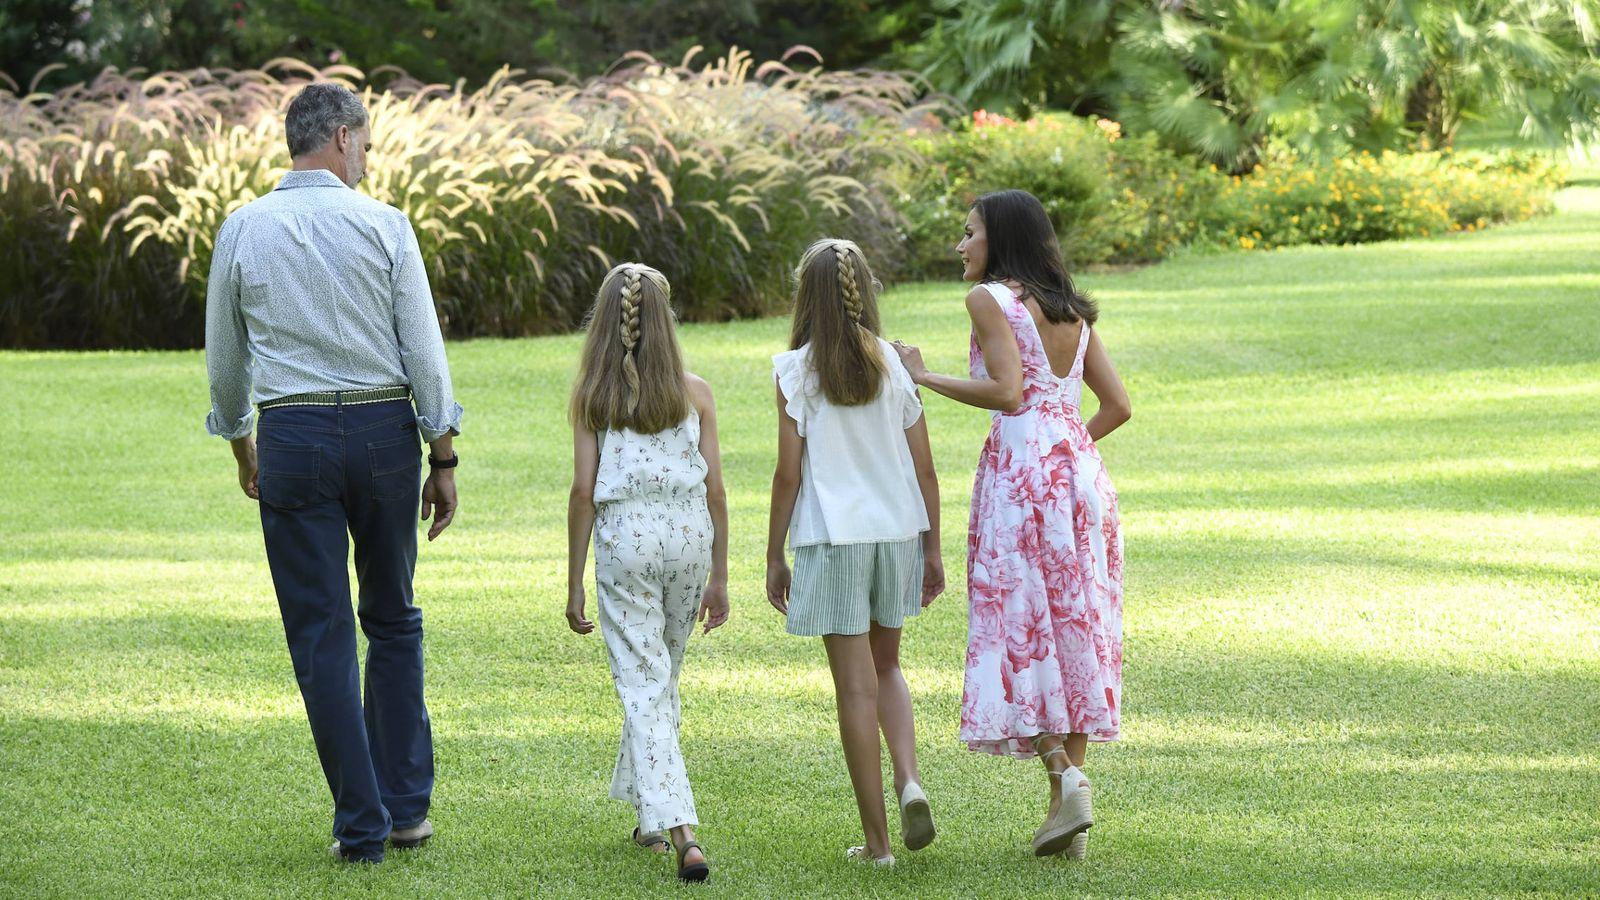 Foto: Felipe VI, Letizia y sus hijas en Marivent, a punto de realizar el posado del verano. (Limited Pictures)